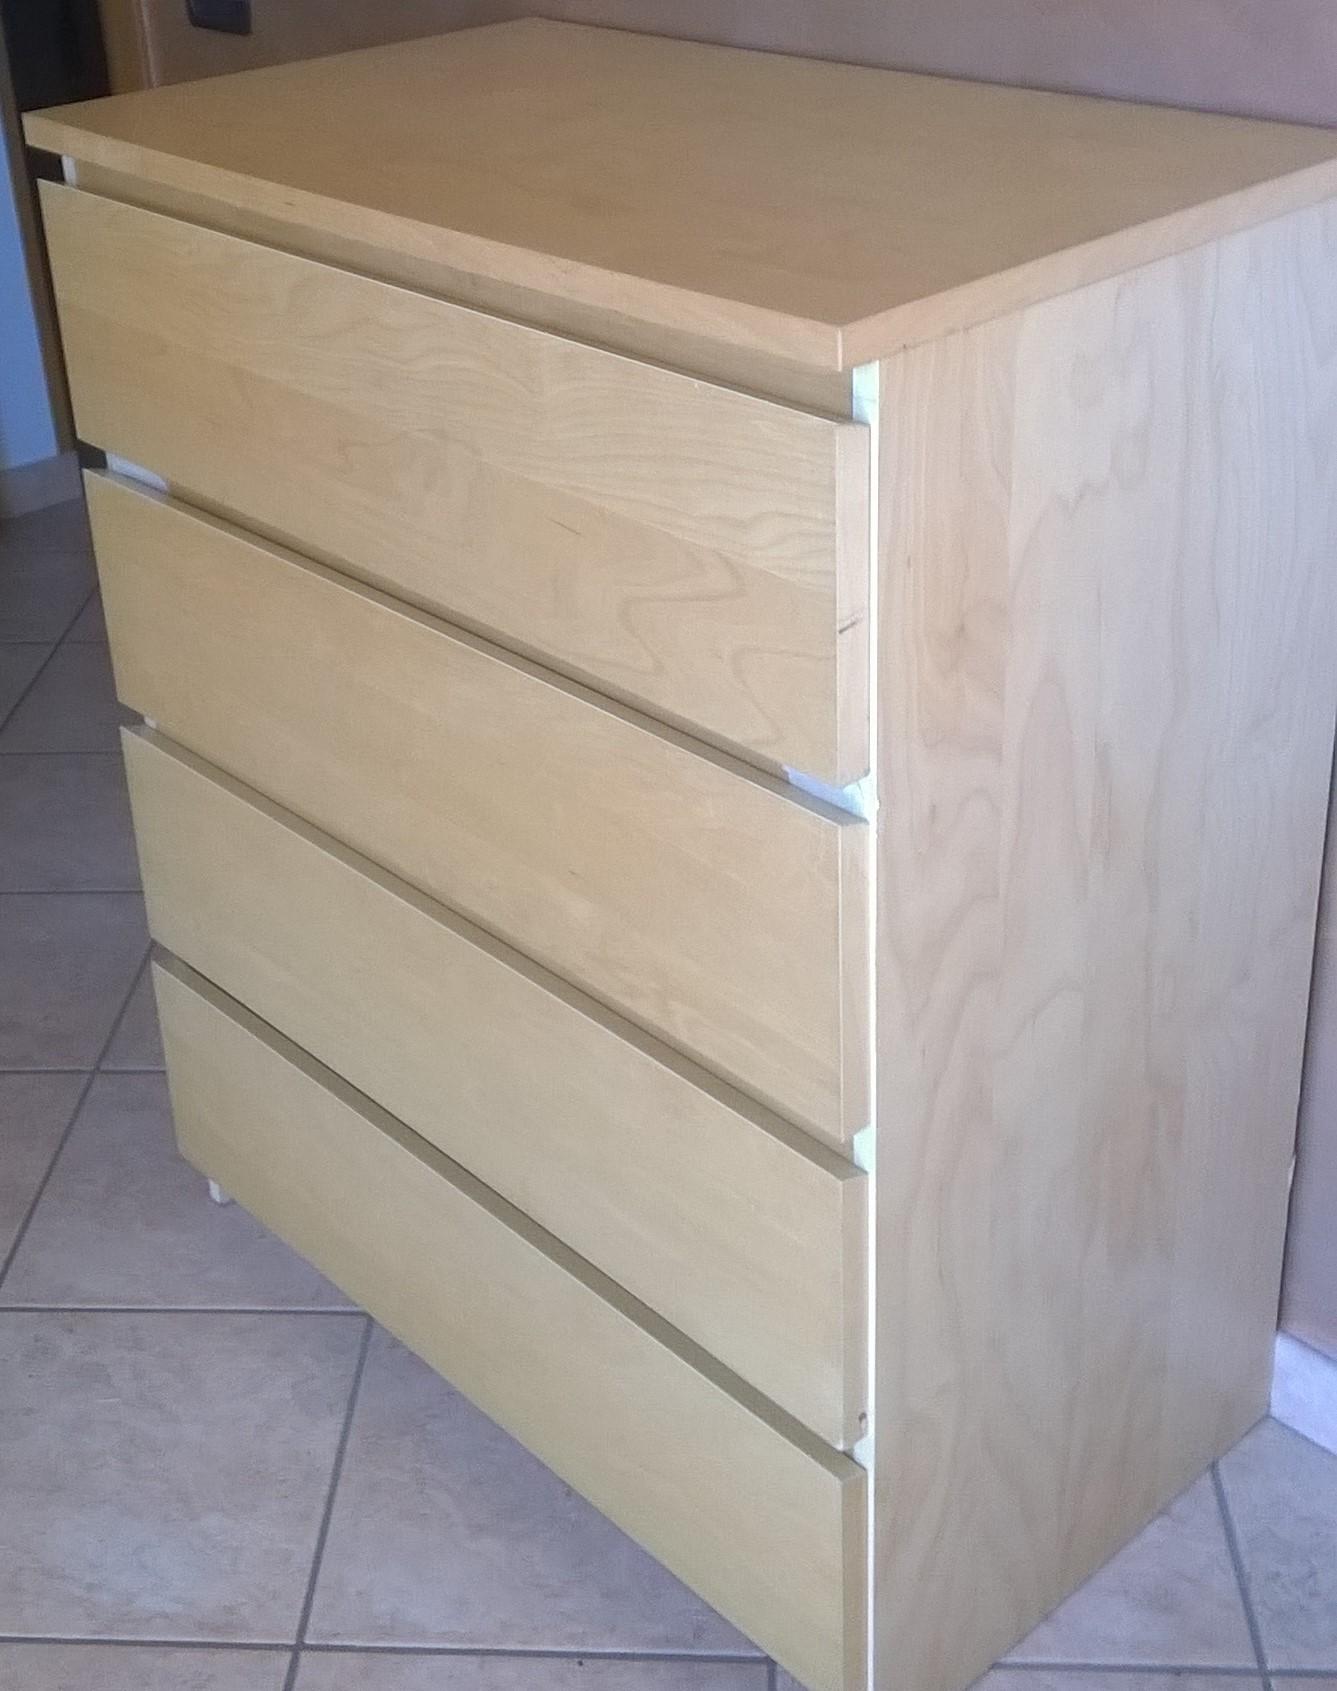 Rivestire i mobili con carta adesiva